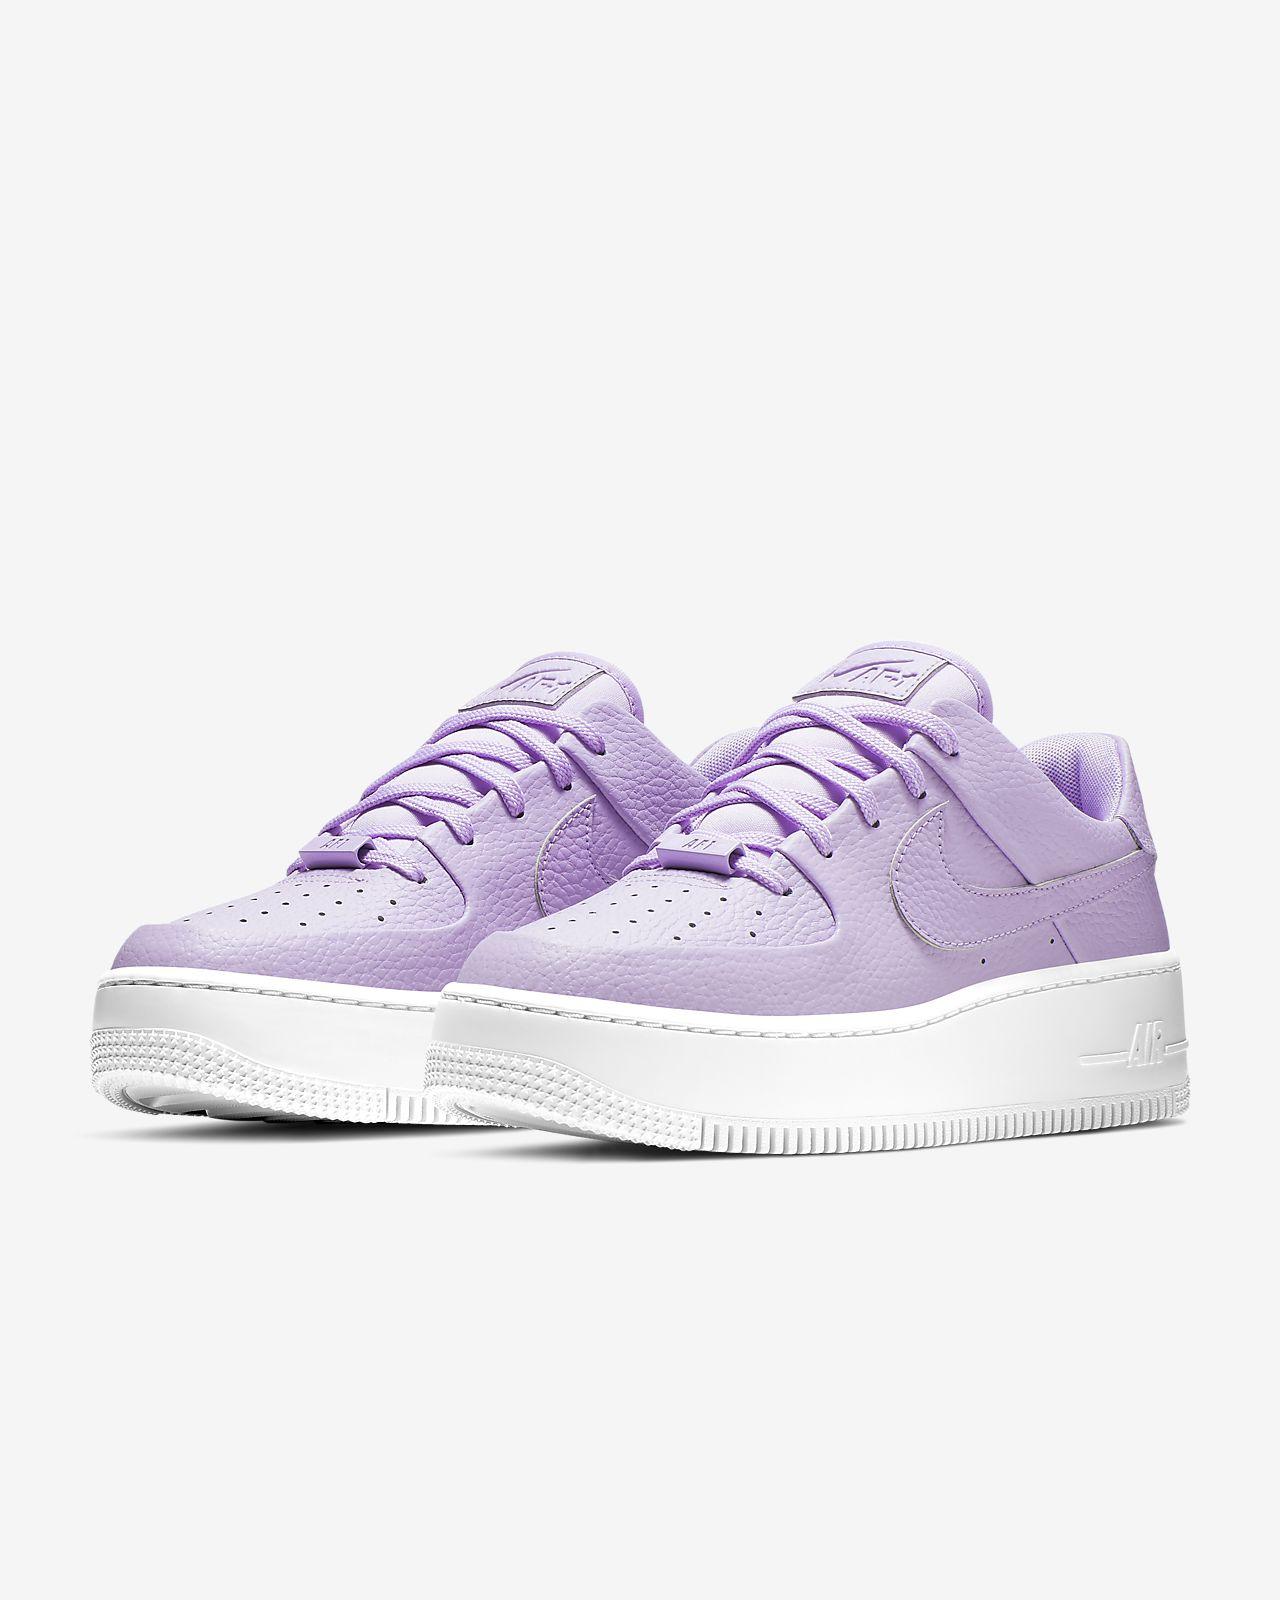 meet 5f27a fe0c5 Nike Air Force 1 Sage Low-sko til kvinder. Nike.com DK